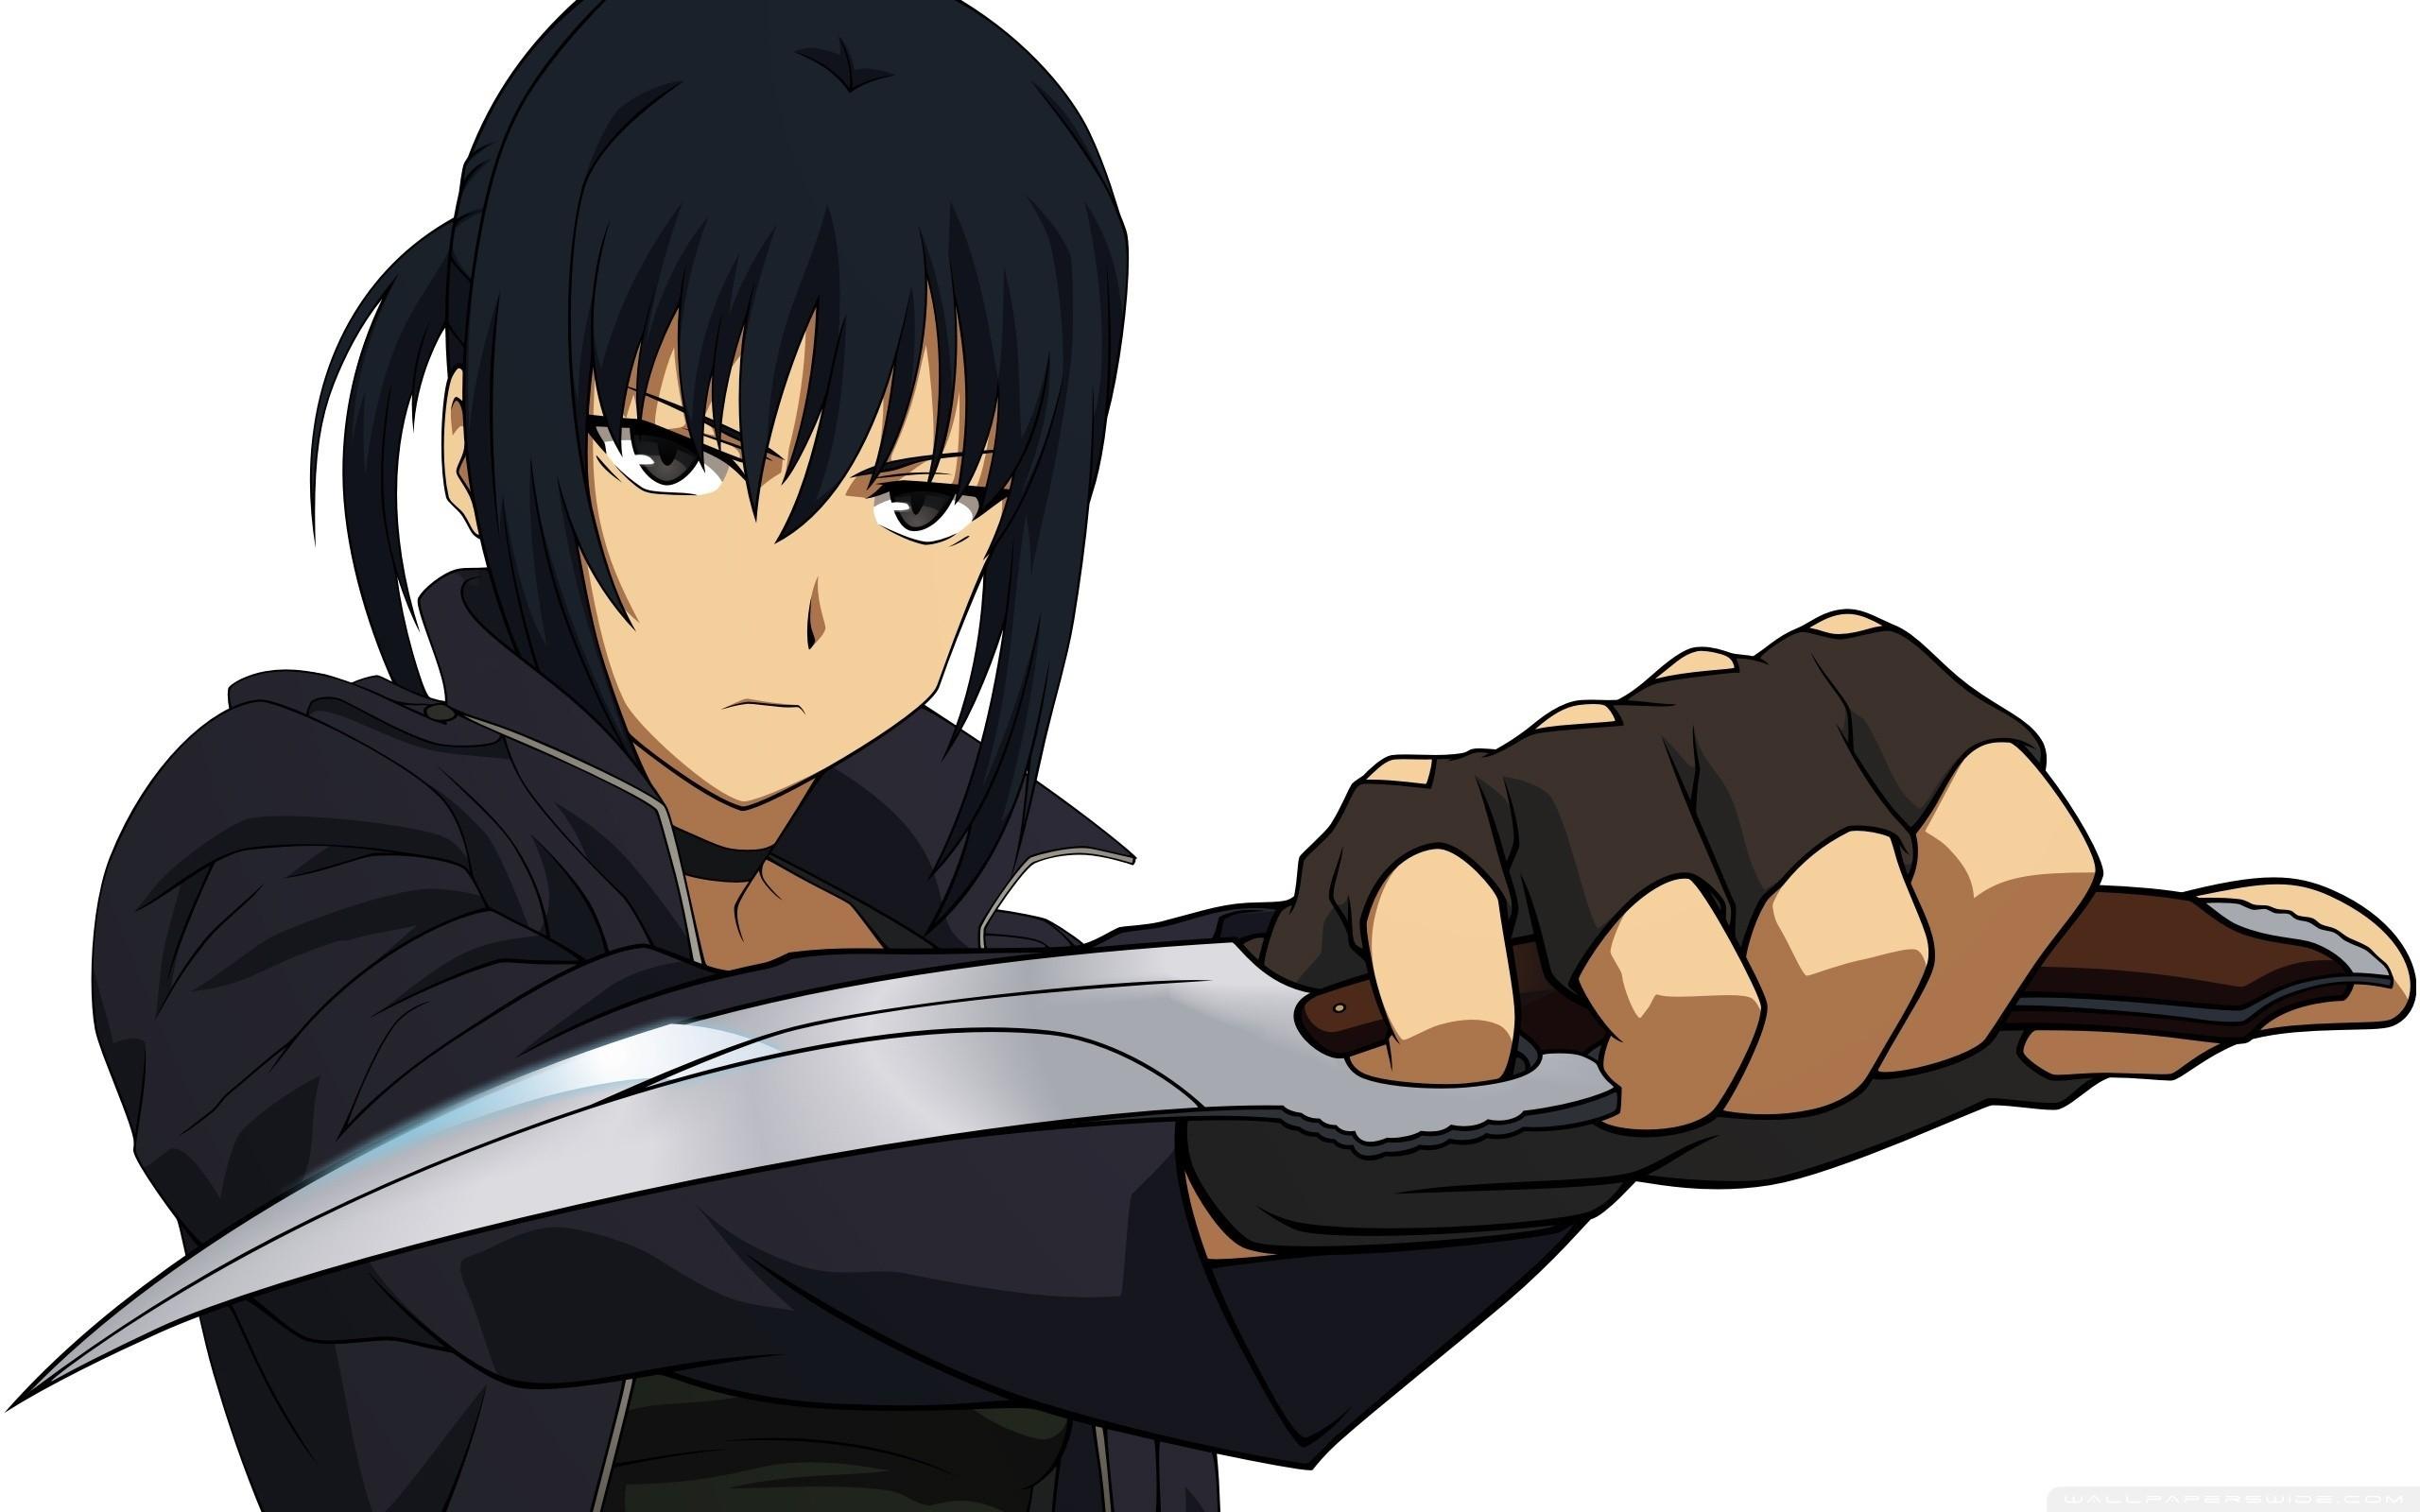 Wallpaper Guy, Anime, Knife, Warrior